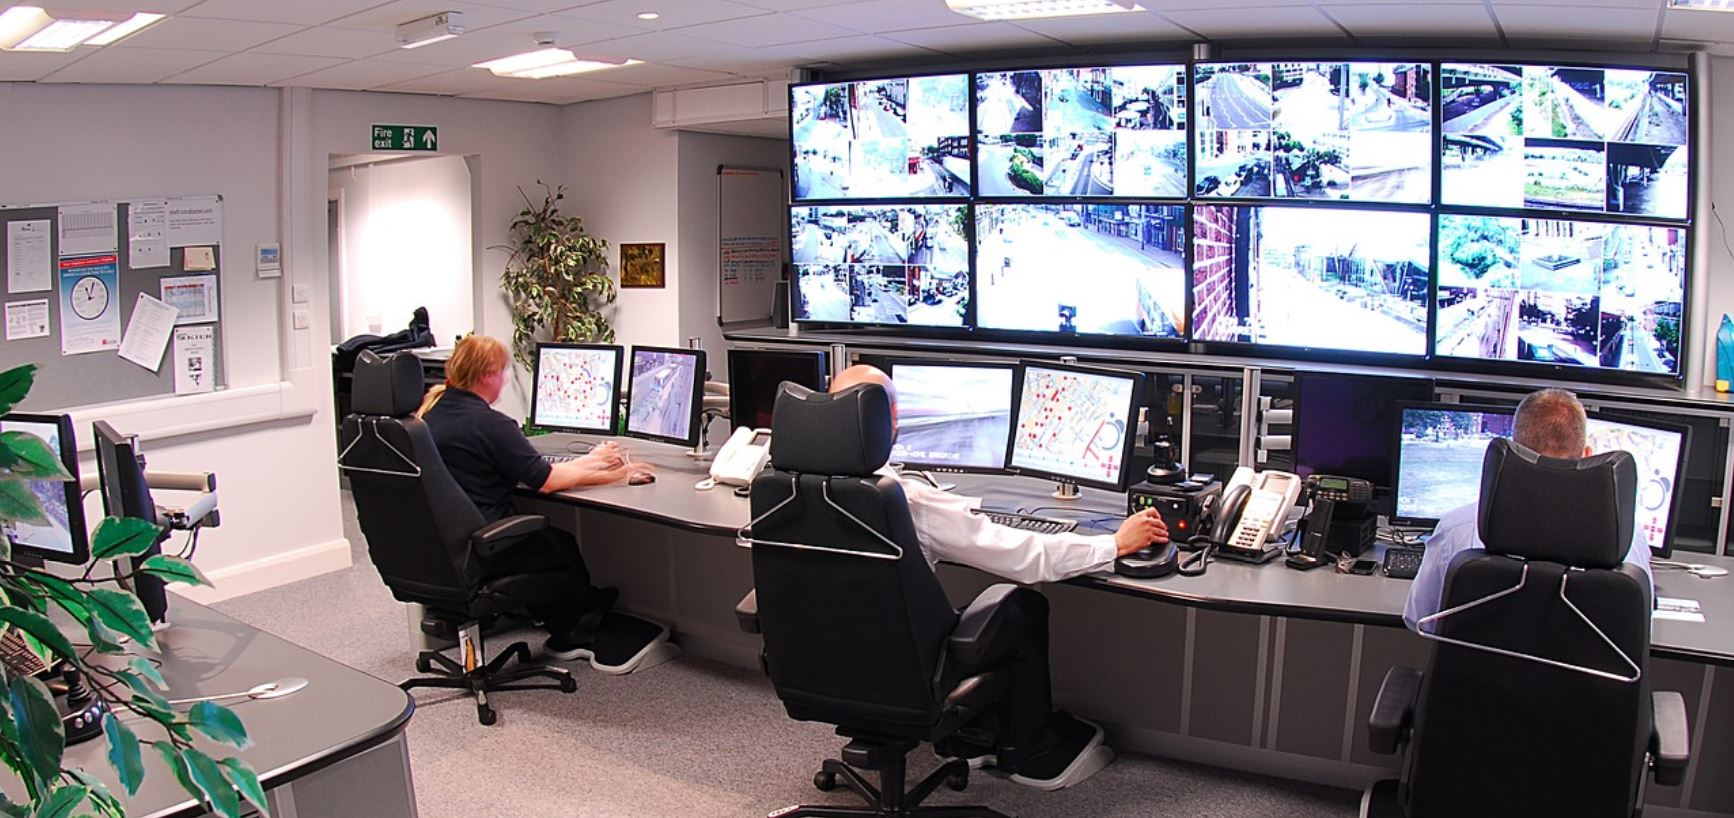 LTE connectivity for Video Surveillance